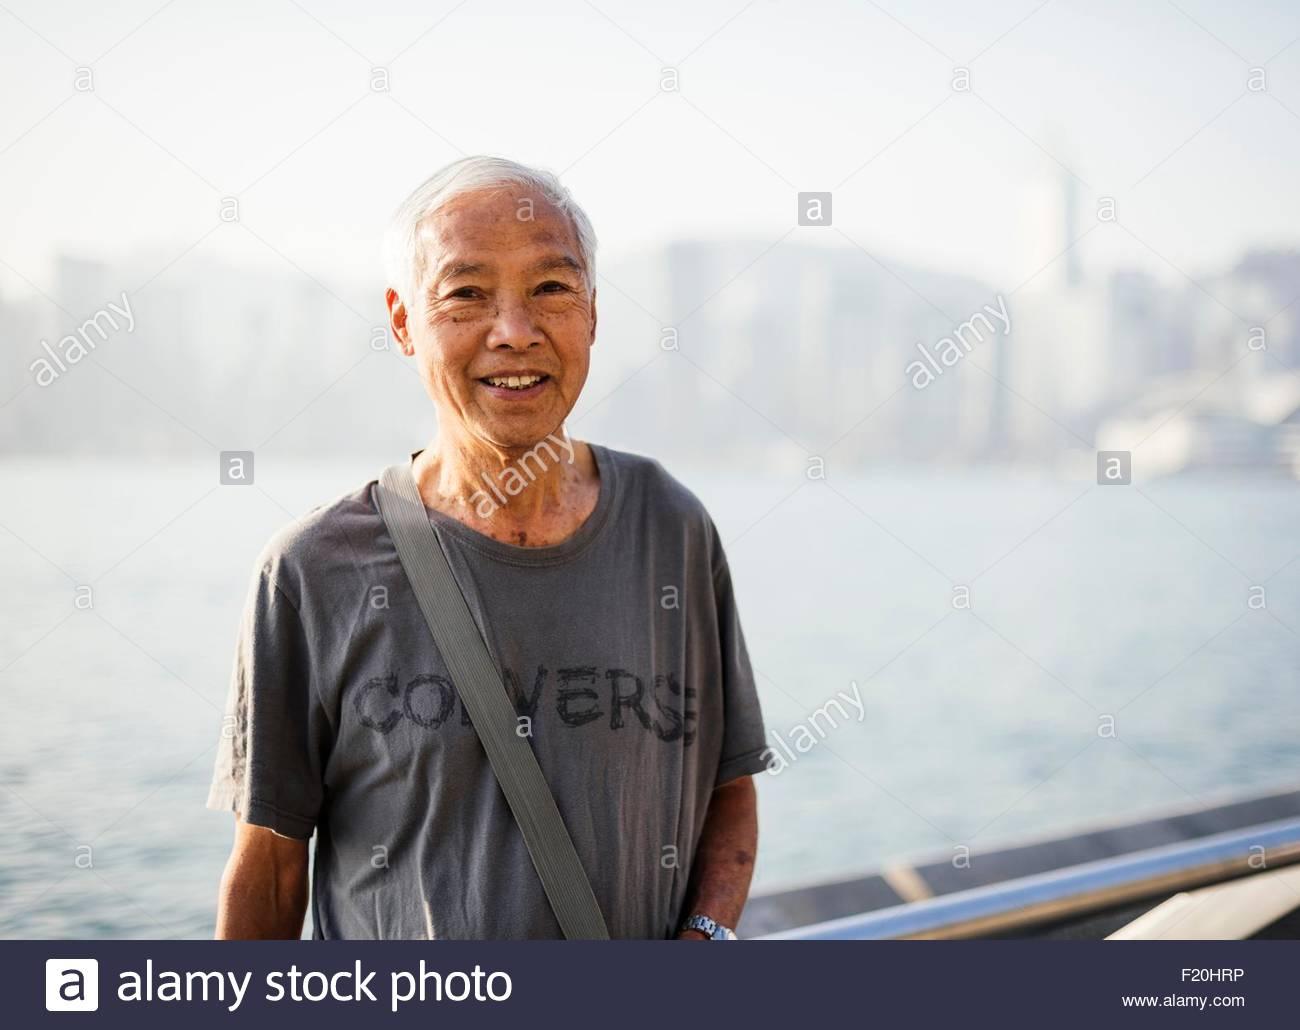 Retrato de cabellos grises altos hombre llevando tshirt mirando a la cámara sonriendo Imagen De Stock